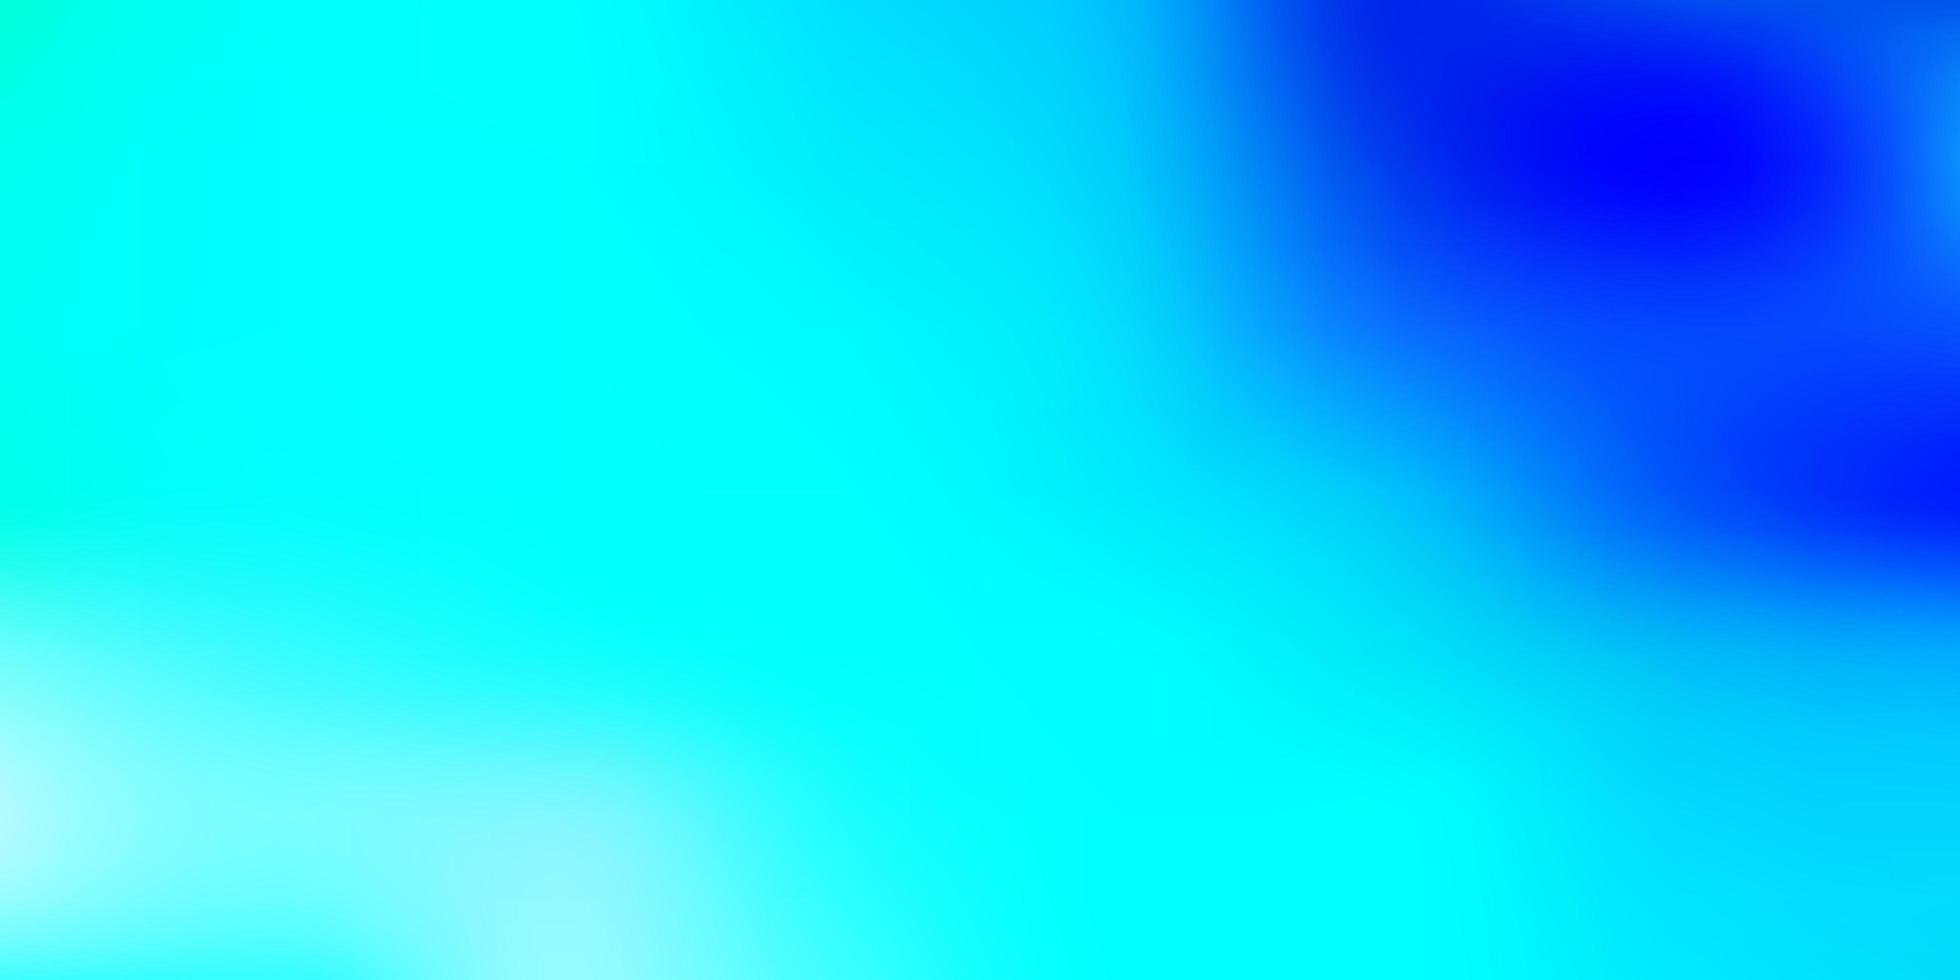 sfondo sfocato vettoriale azzurro, verde.